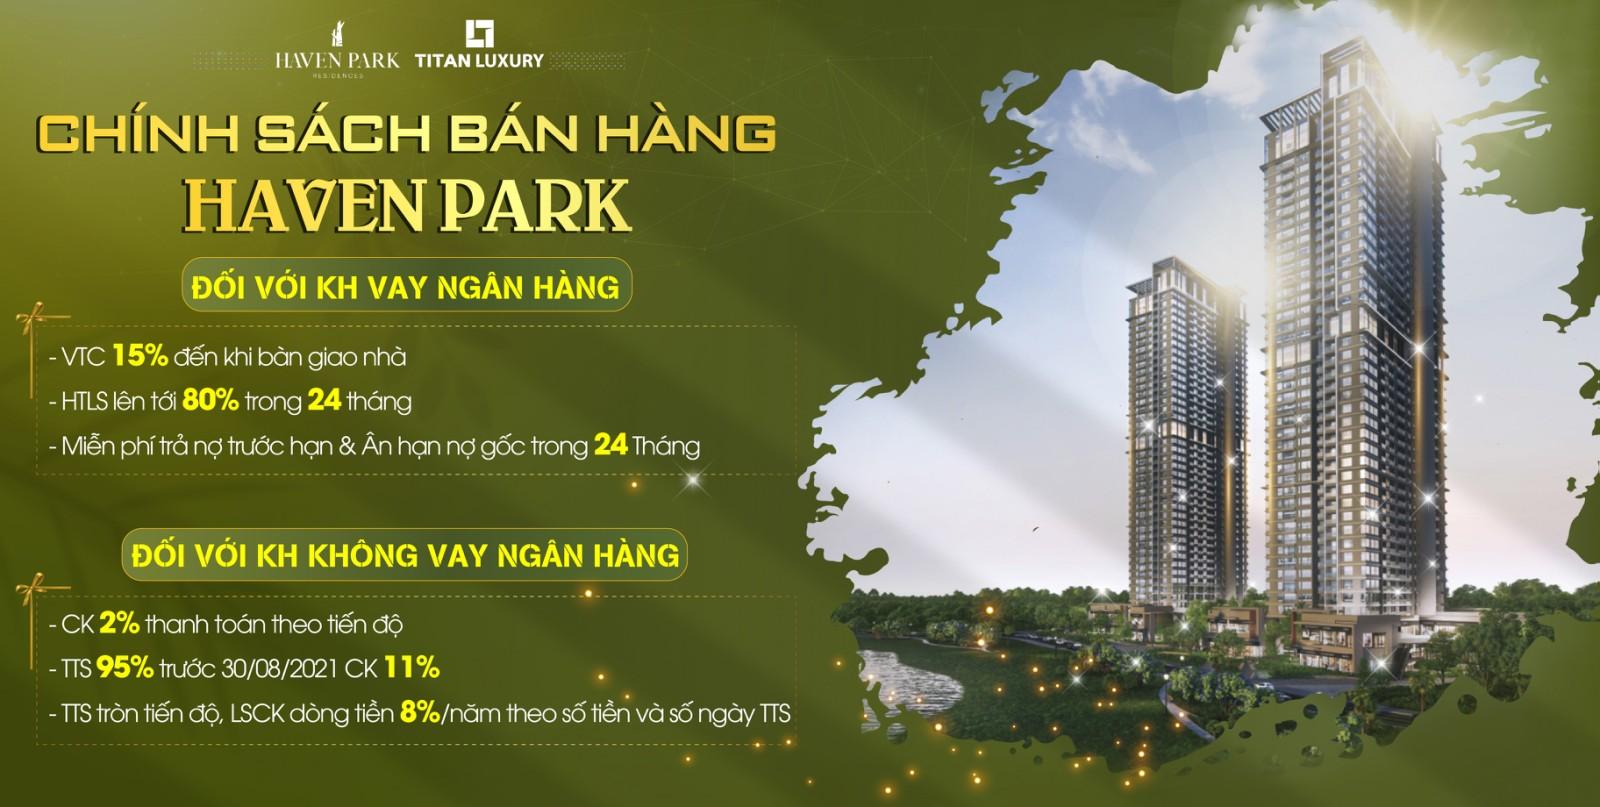 Chính sách bán hàng chung cư Haven Park Ecopark